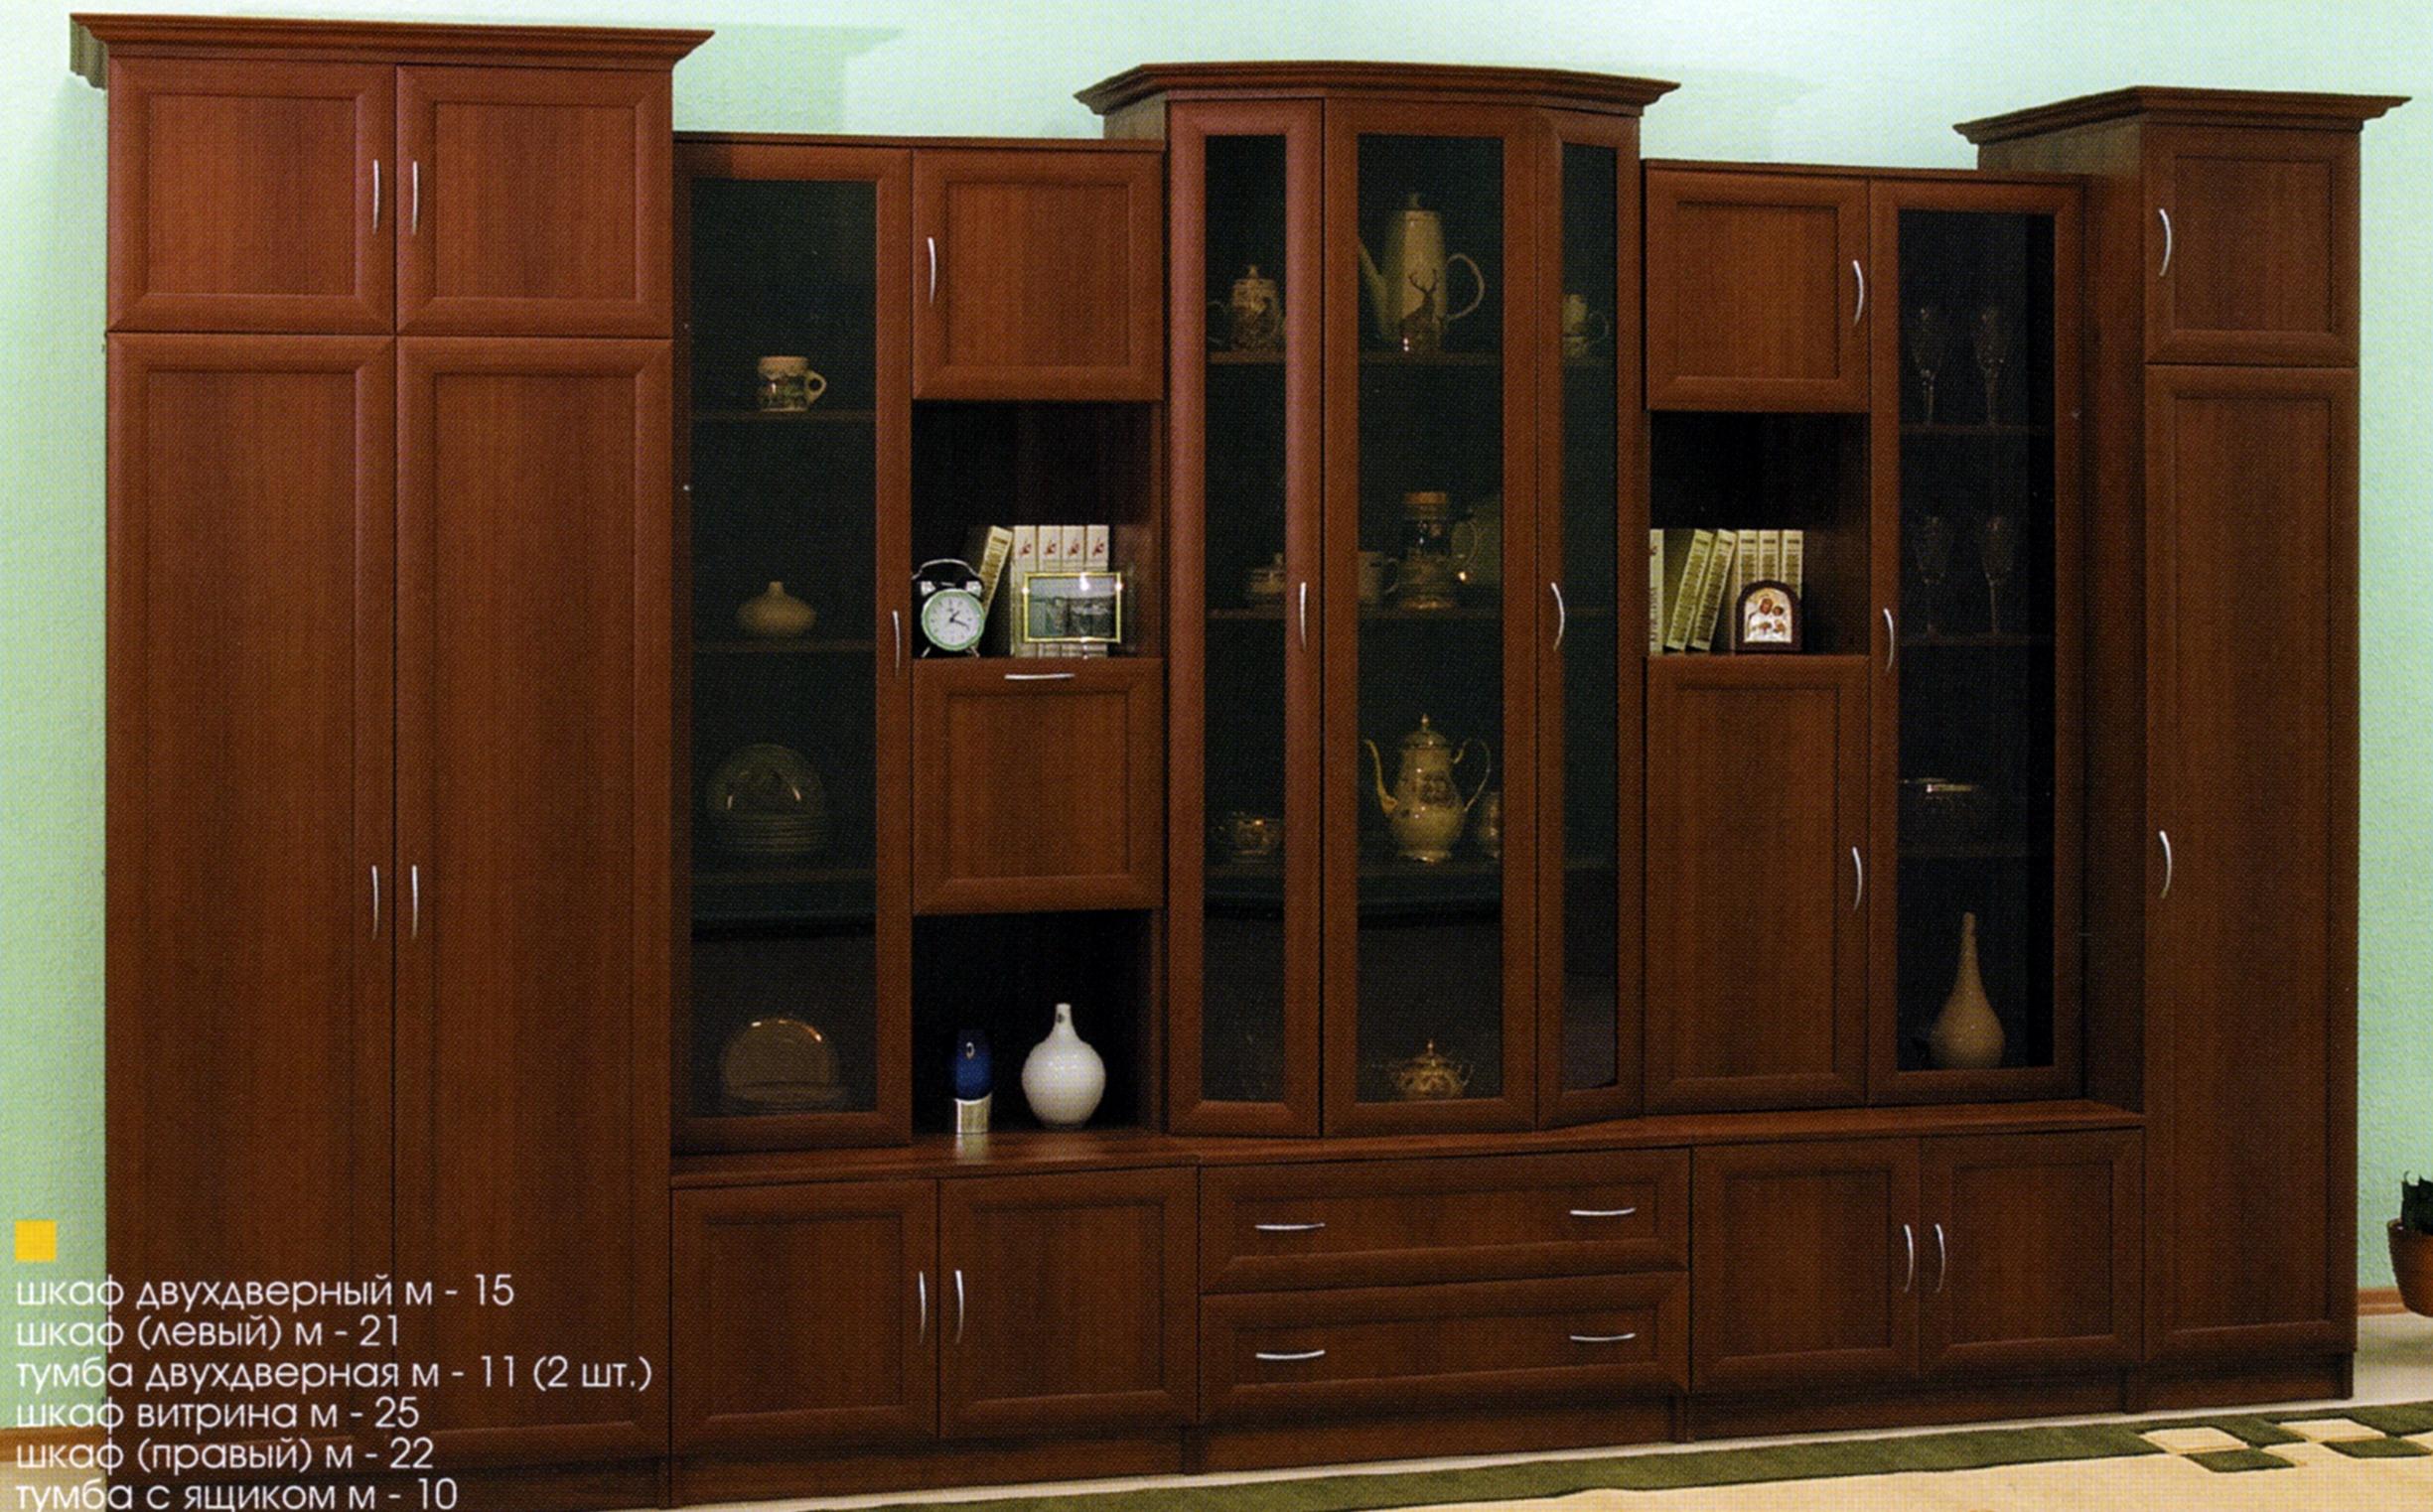 Стенка композиция 7 за 21700 руб. купить в иваново недорого.